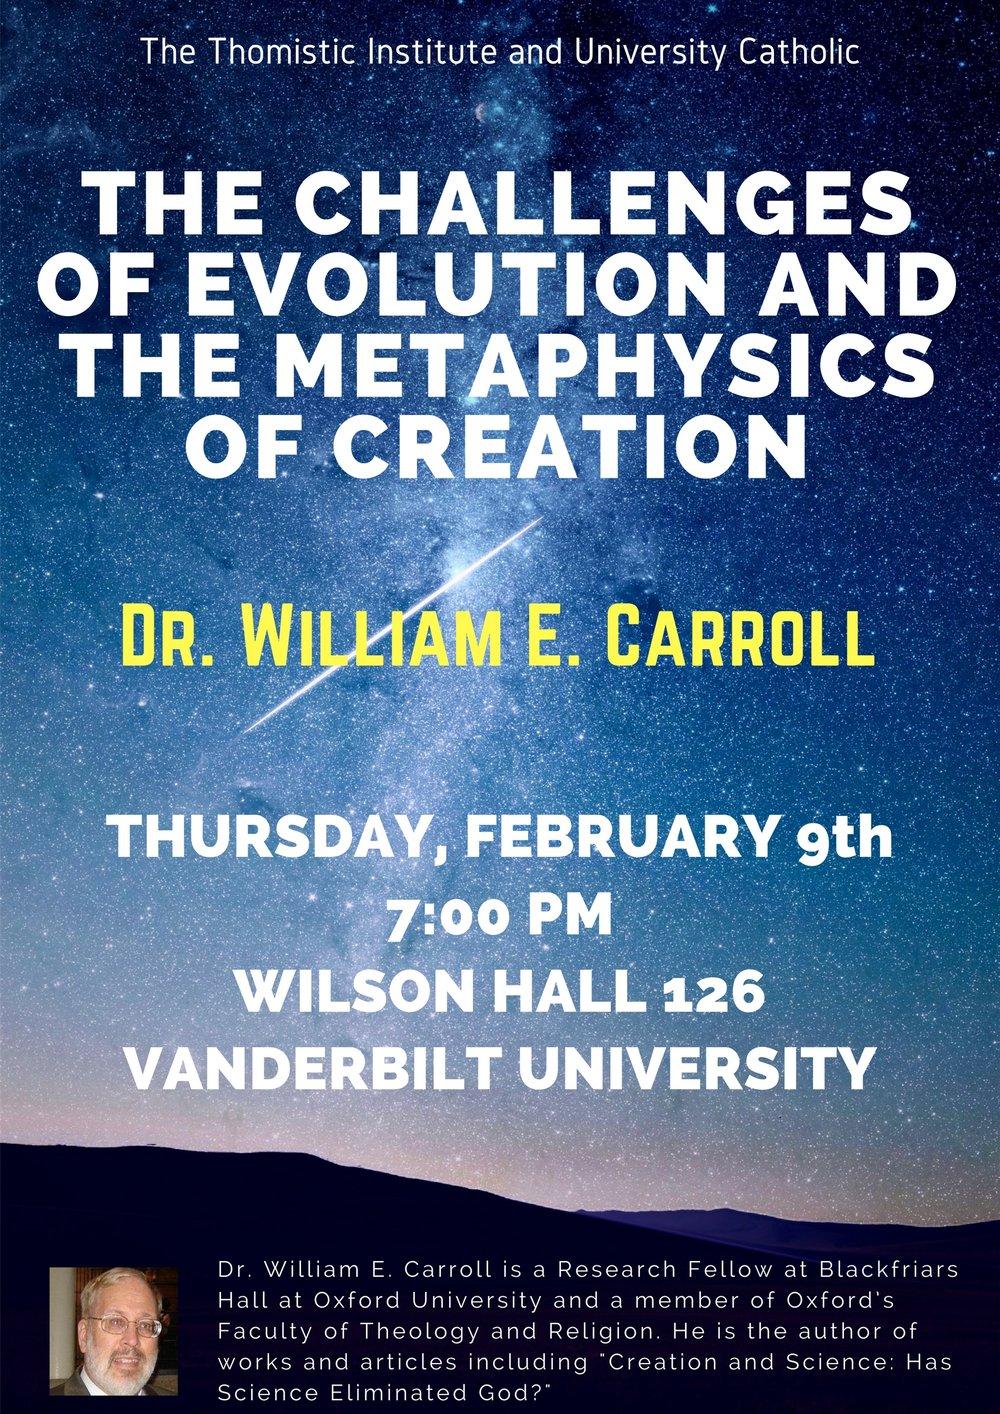 Vanderbilt, Dr. Carroll, 2:9.jpg